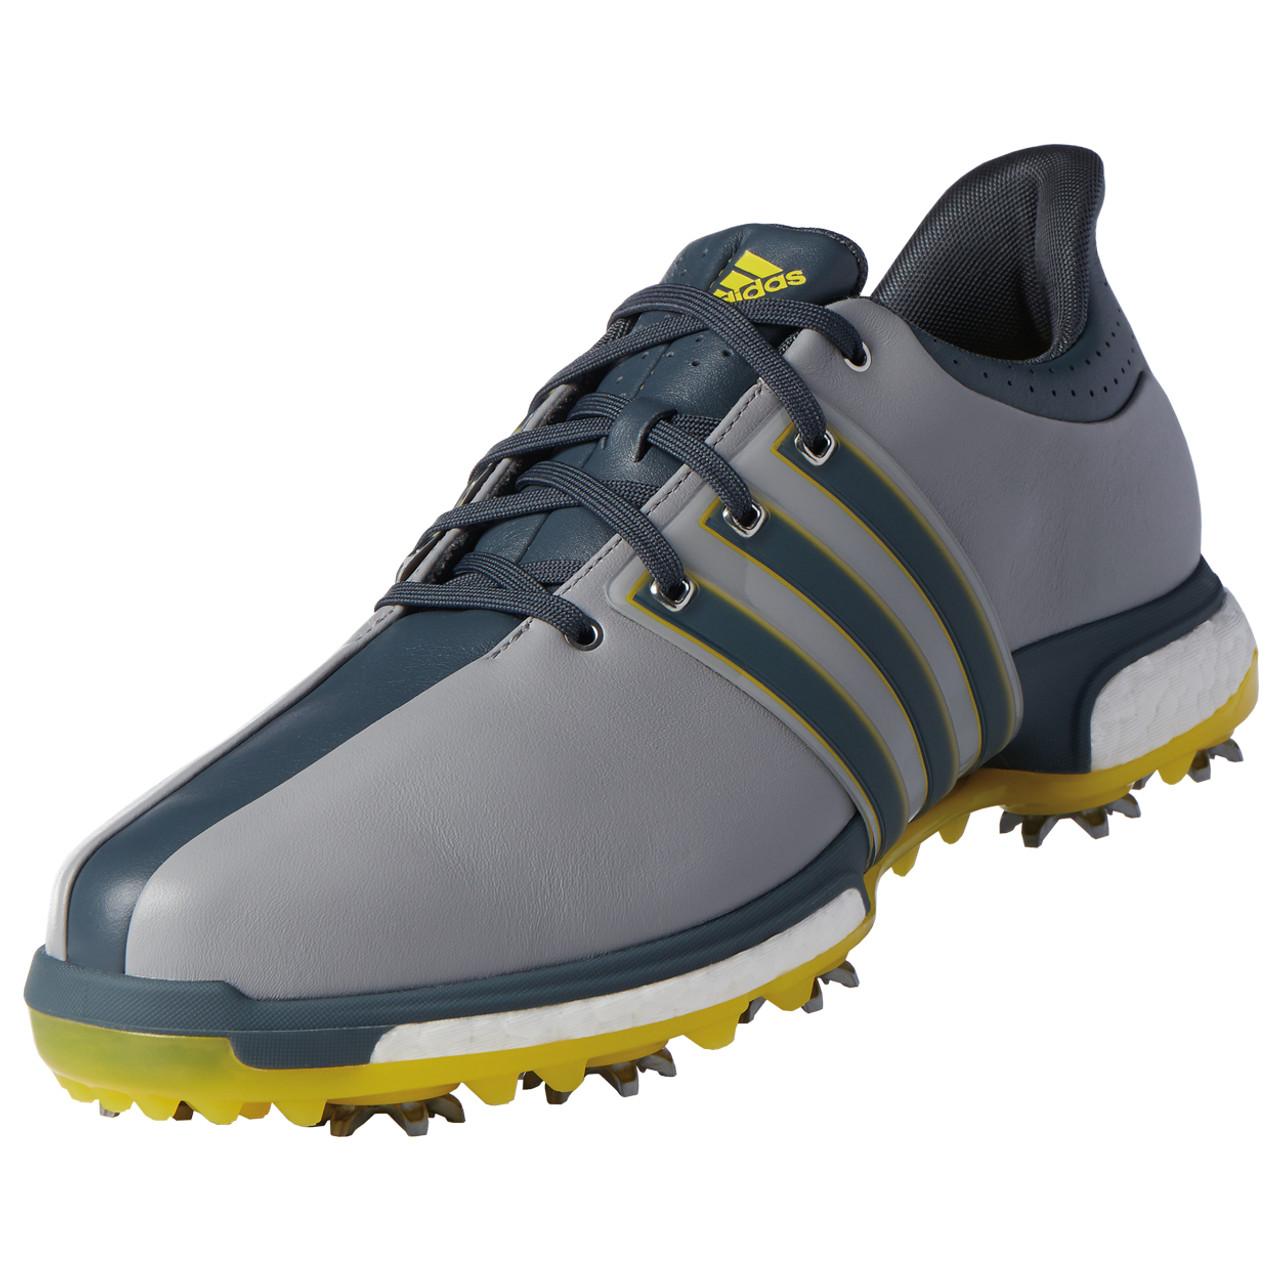 pas cher pour réduction 7572d d5b52 Adidas Men's Tour 360 Boost Golf Shoe